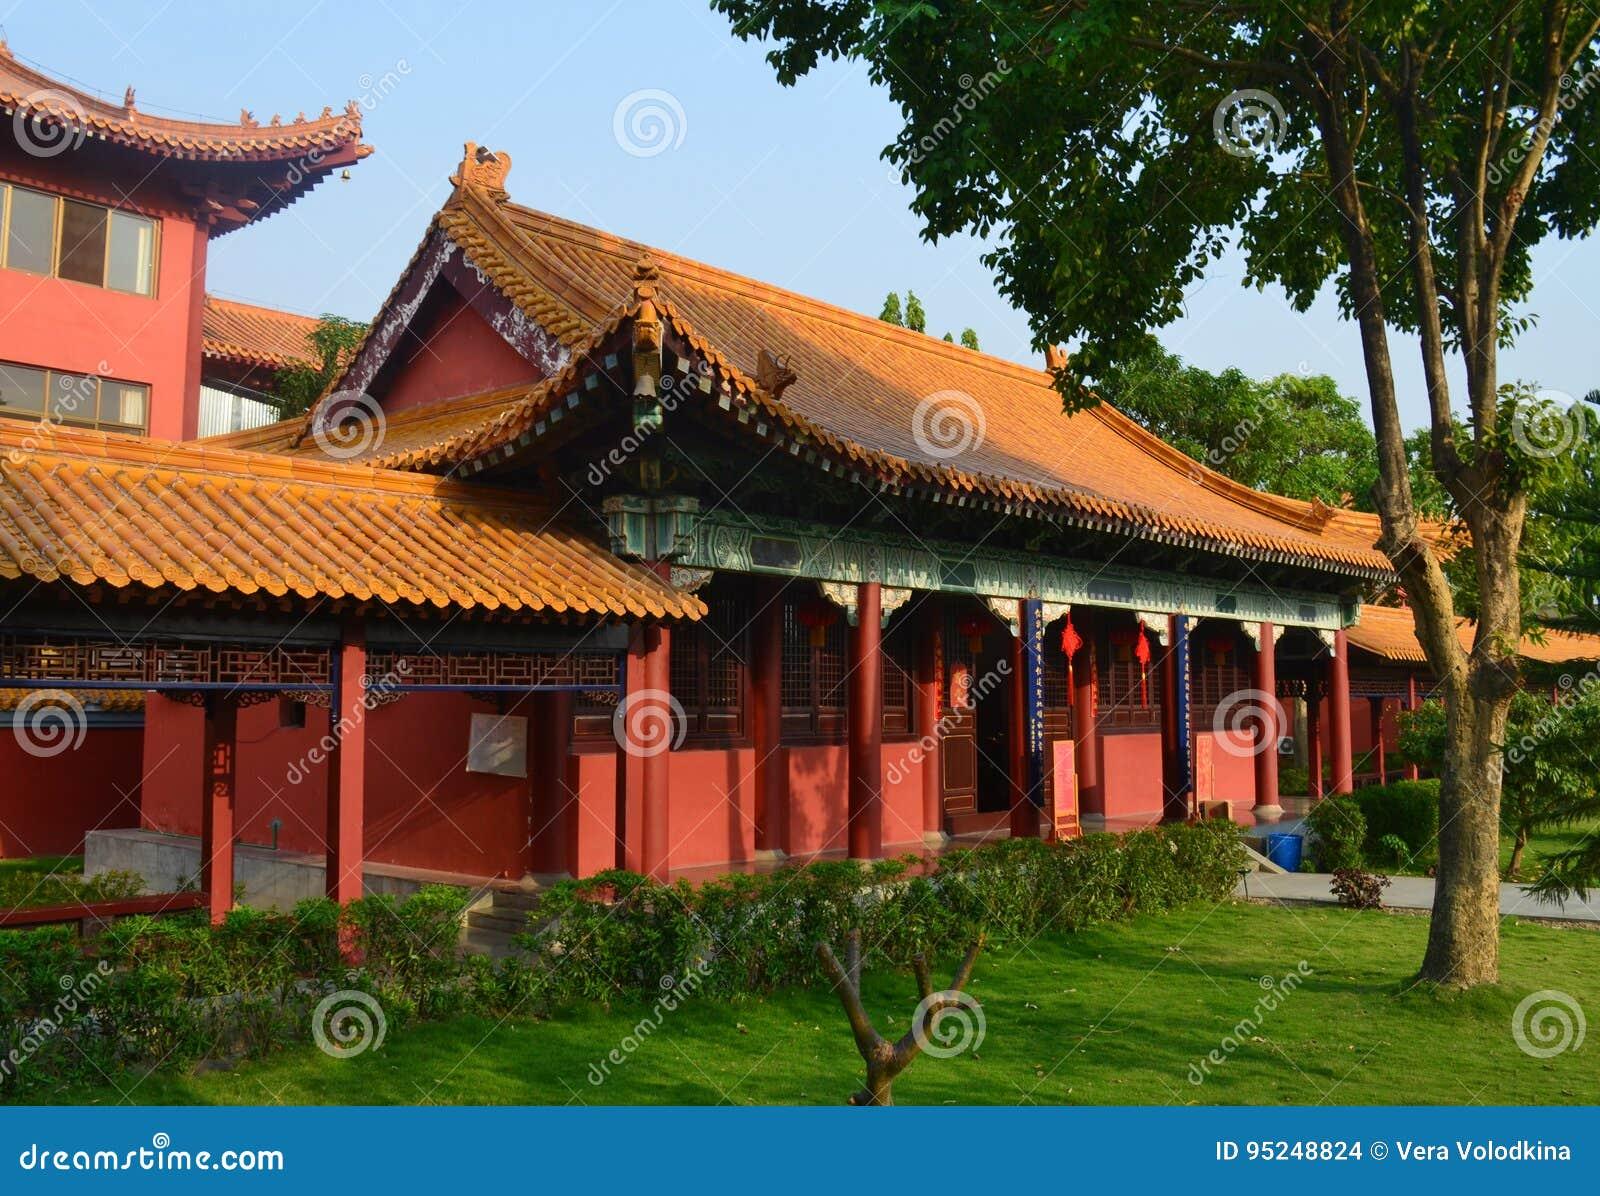 Buddistisk tempel för traditionell kines i Lumbini, Nepal - födelseort av Buddha